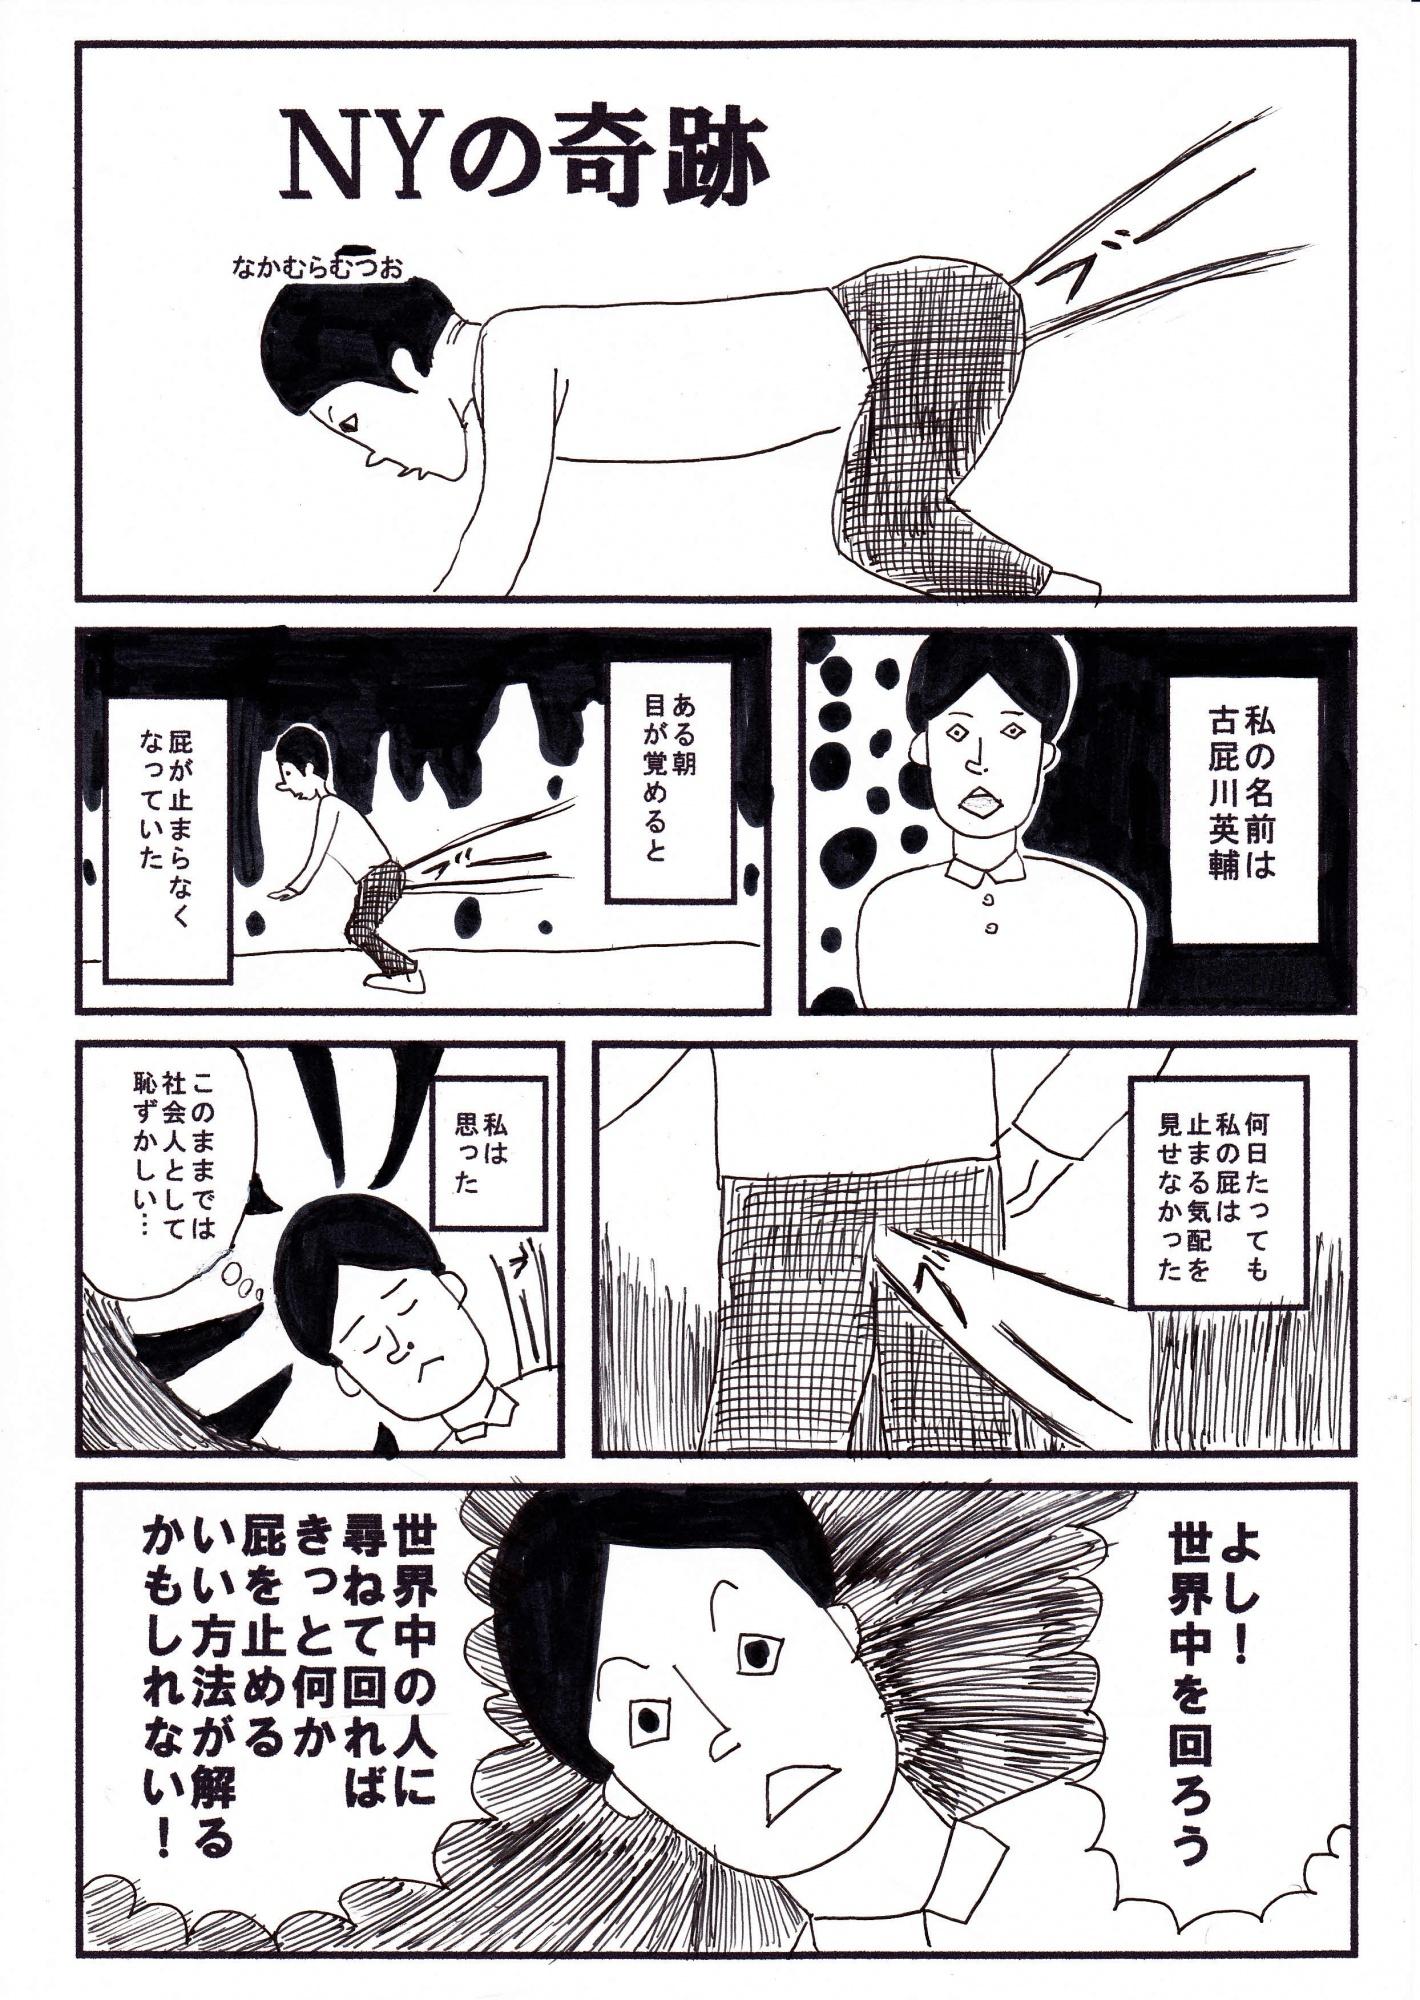 中村むつおのWEB漫画第三回「ニューヨークの奇跡」